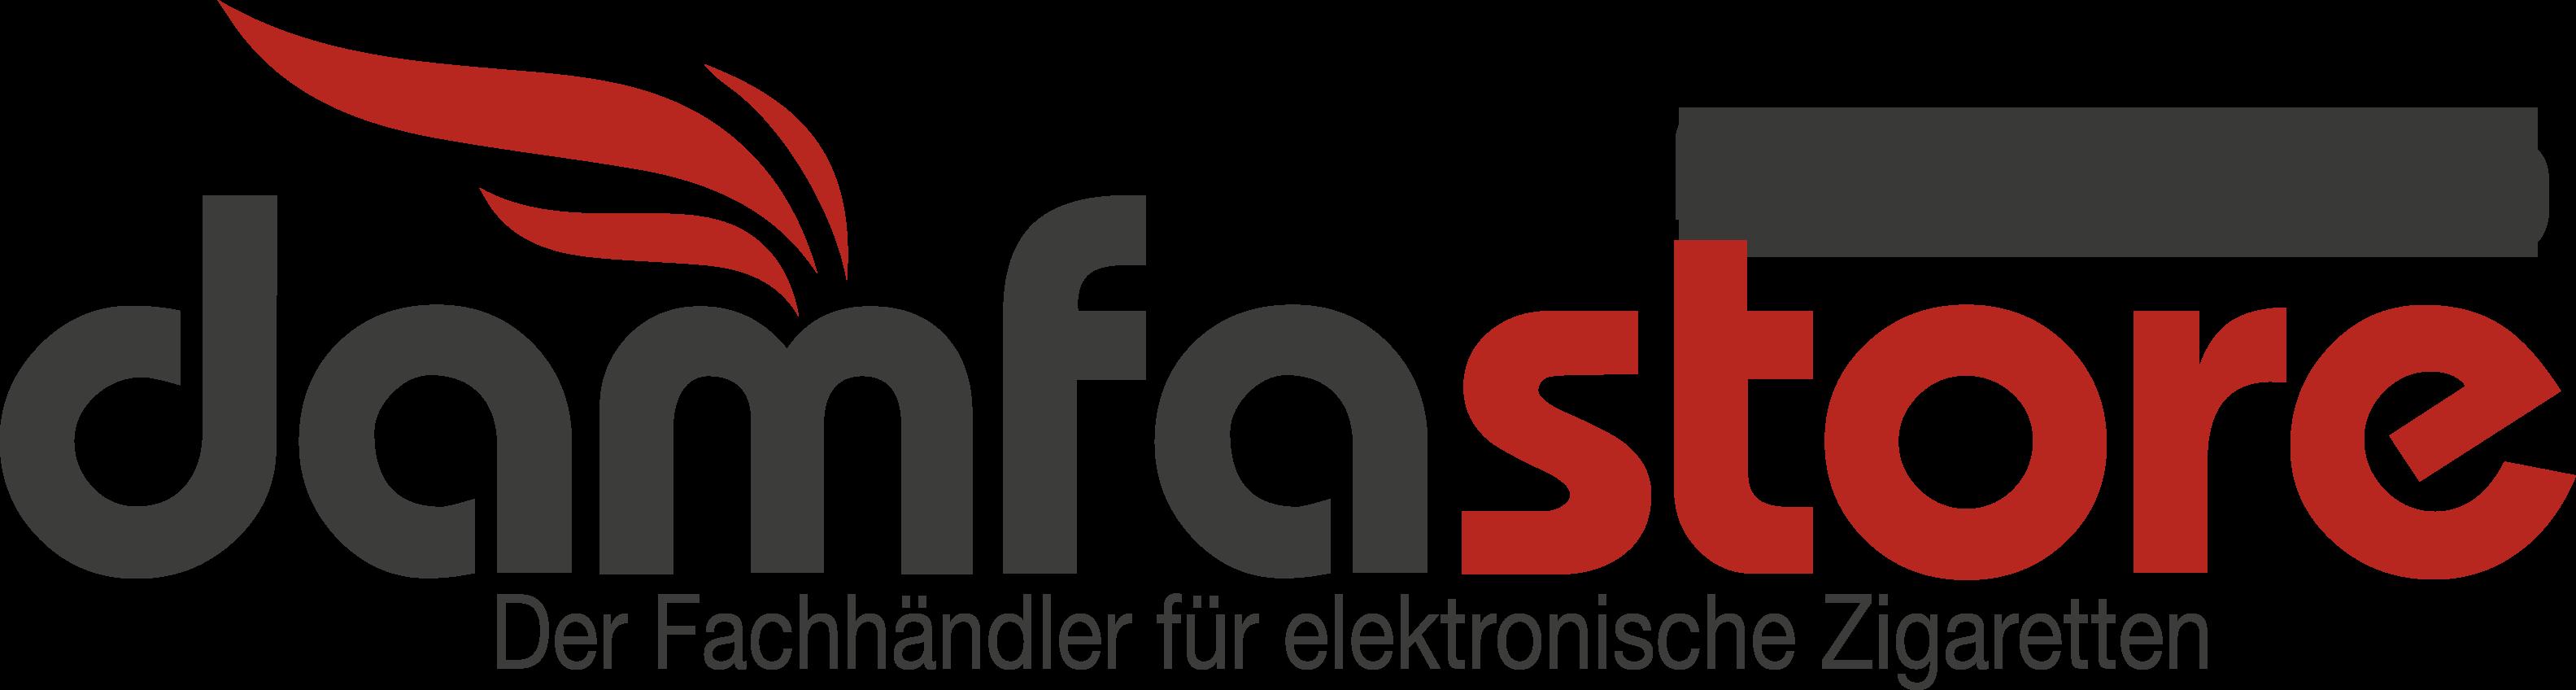 60280f0f2f1d3Damfa-Logo-MD-transparent.png